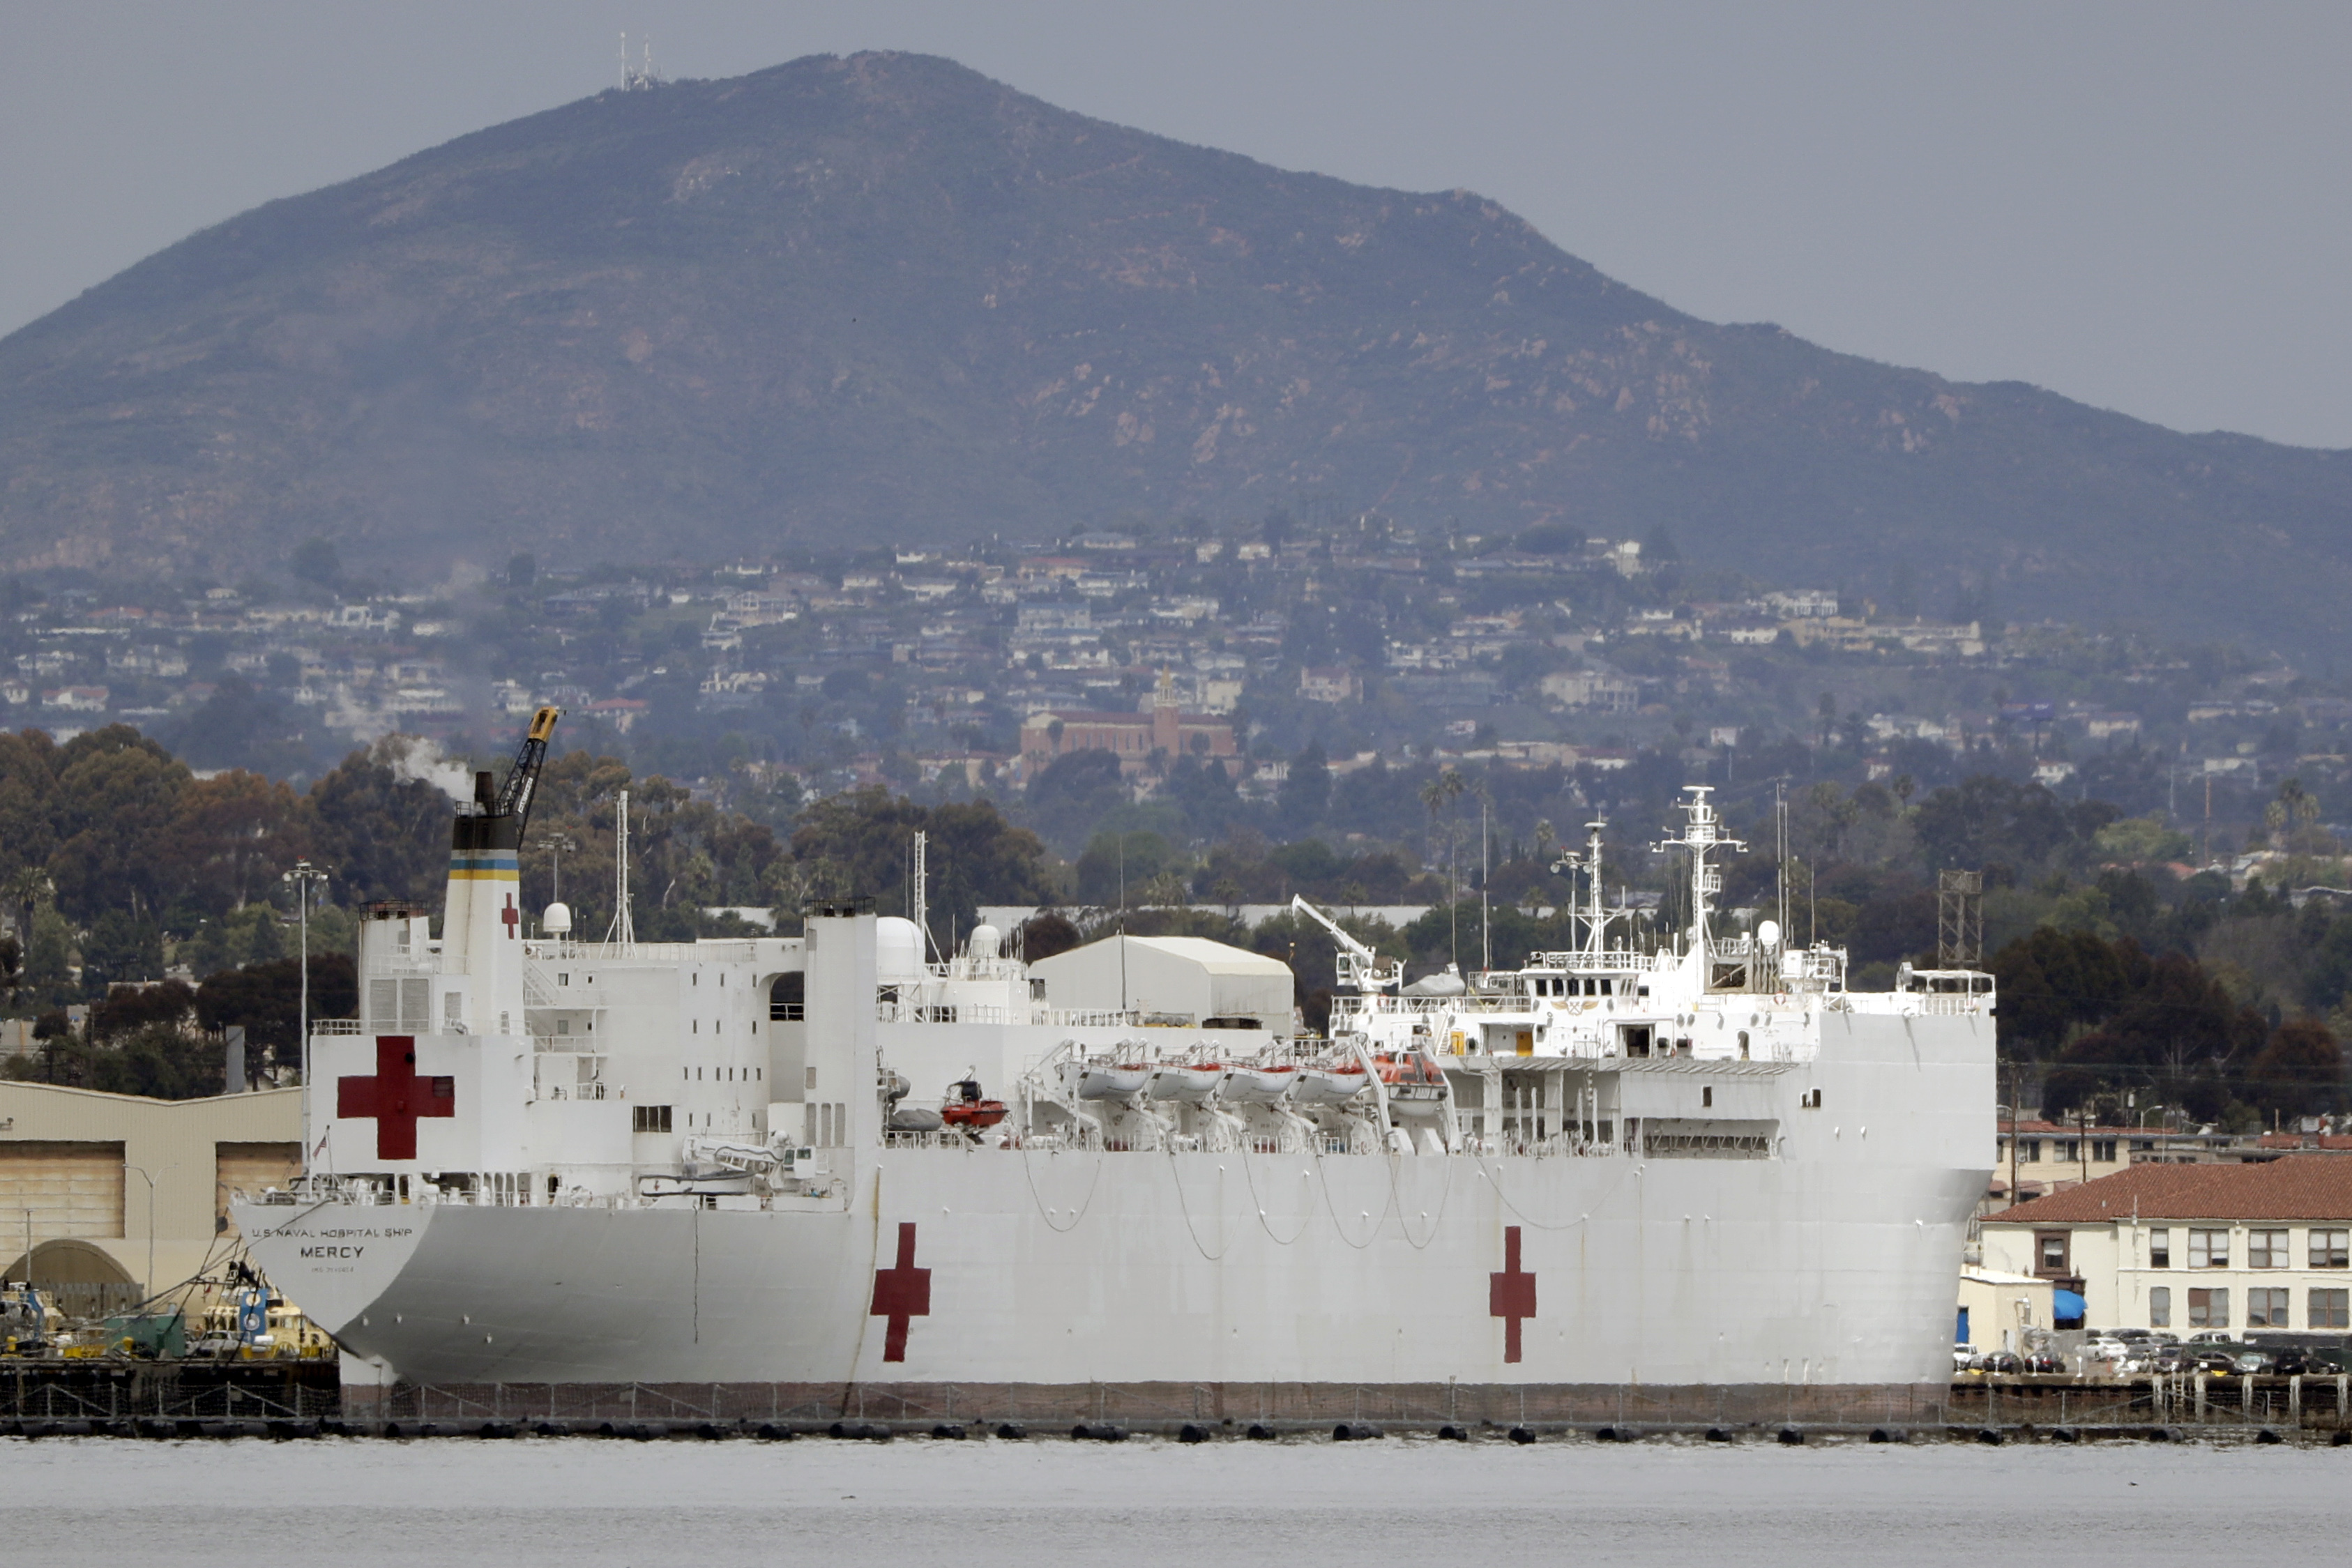 Νοσοκομείο πλοίο, USNS Έλεος να το κεφάλι για το Σιάτλ στις δευτέρα, ΜΑΣ άμυνα αξιωματούχοι λένε